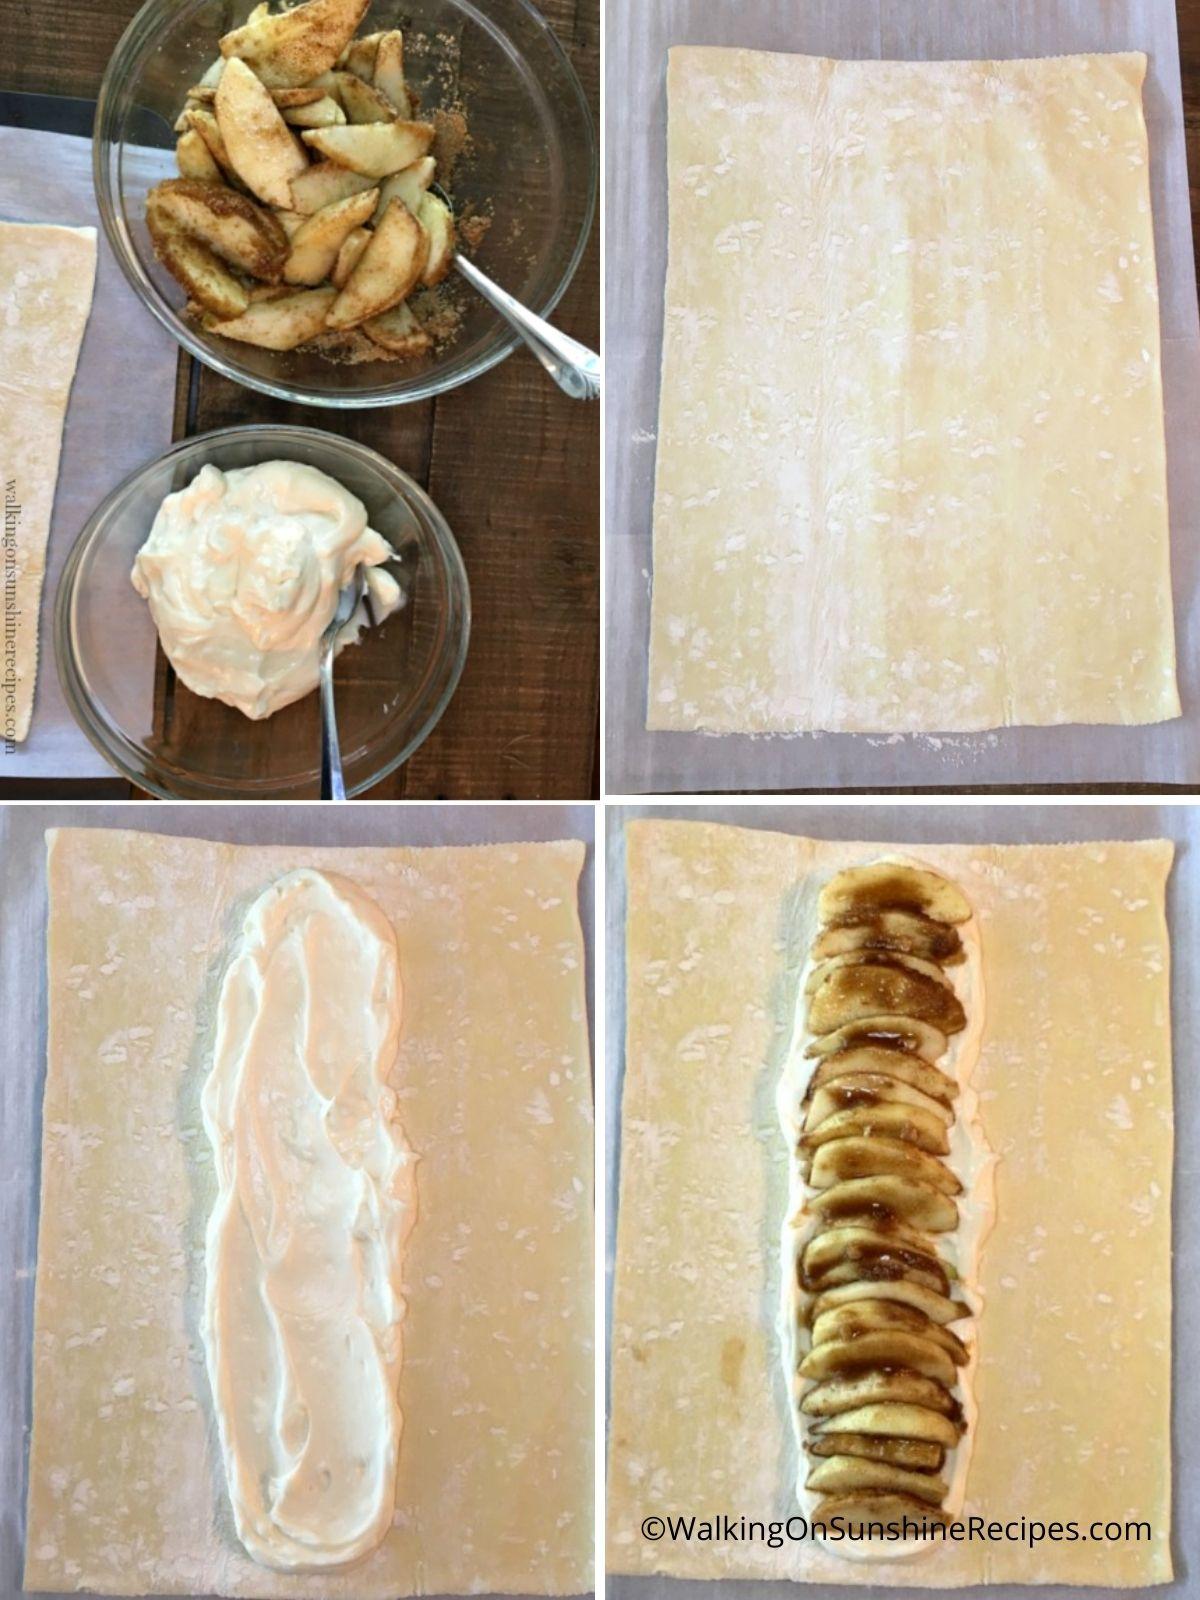 Proceso de trenza de manzana.